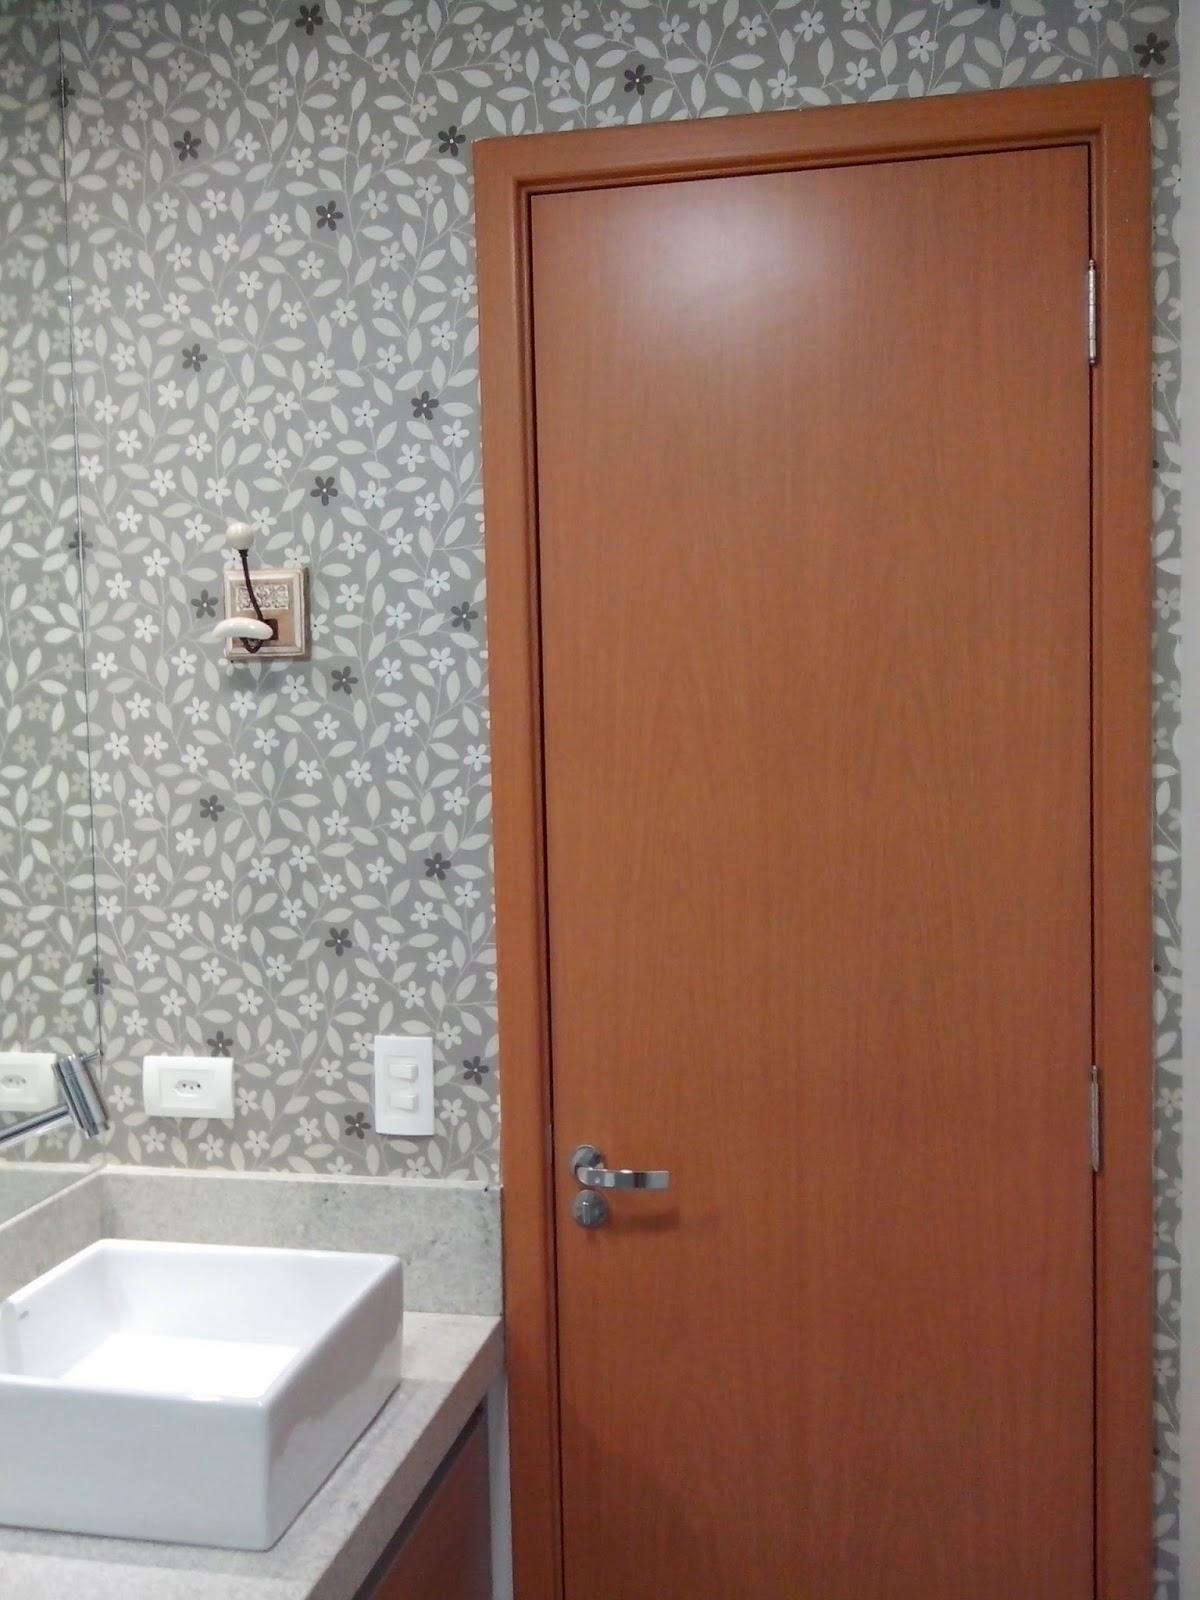 Reforma do meu apê: Papel de parede e espelhos #7C432F 1200 1600